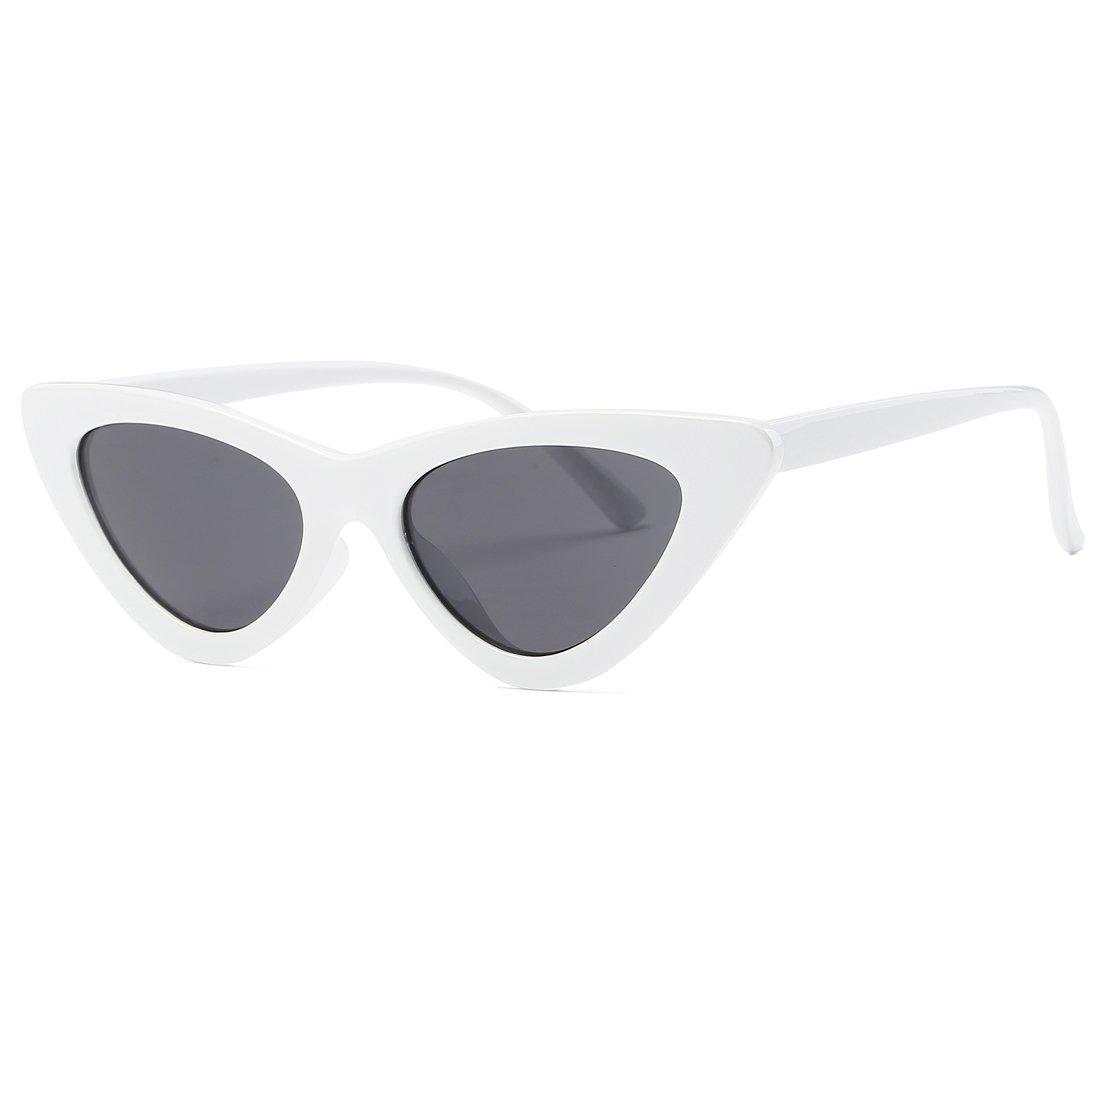 kimorn Œil De Chat lunettes de soleil pour femmes Clout Goggles Charnières métalliques K0566 (Rouge&Argent) fMlmKI